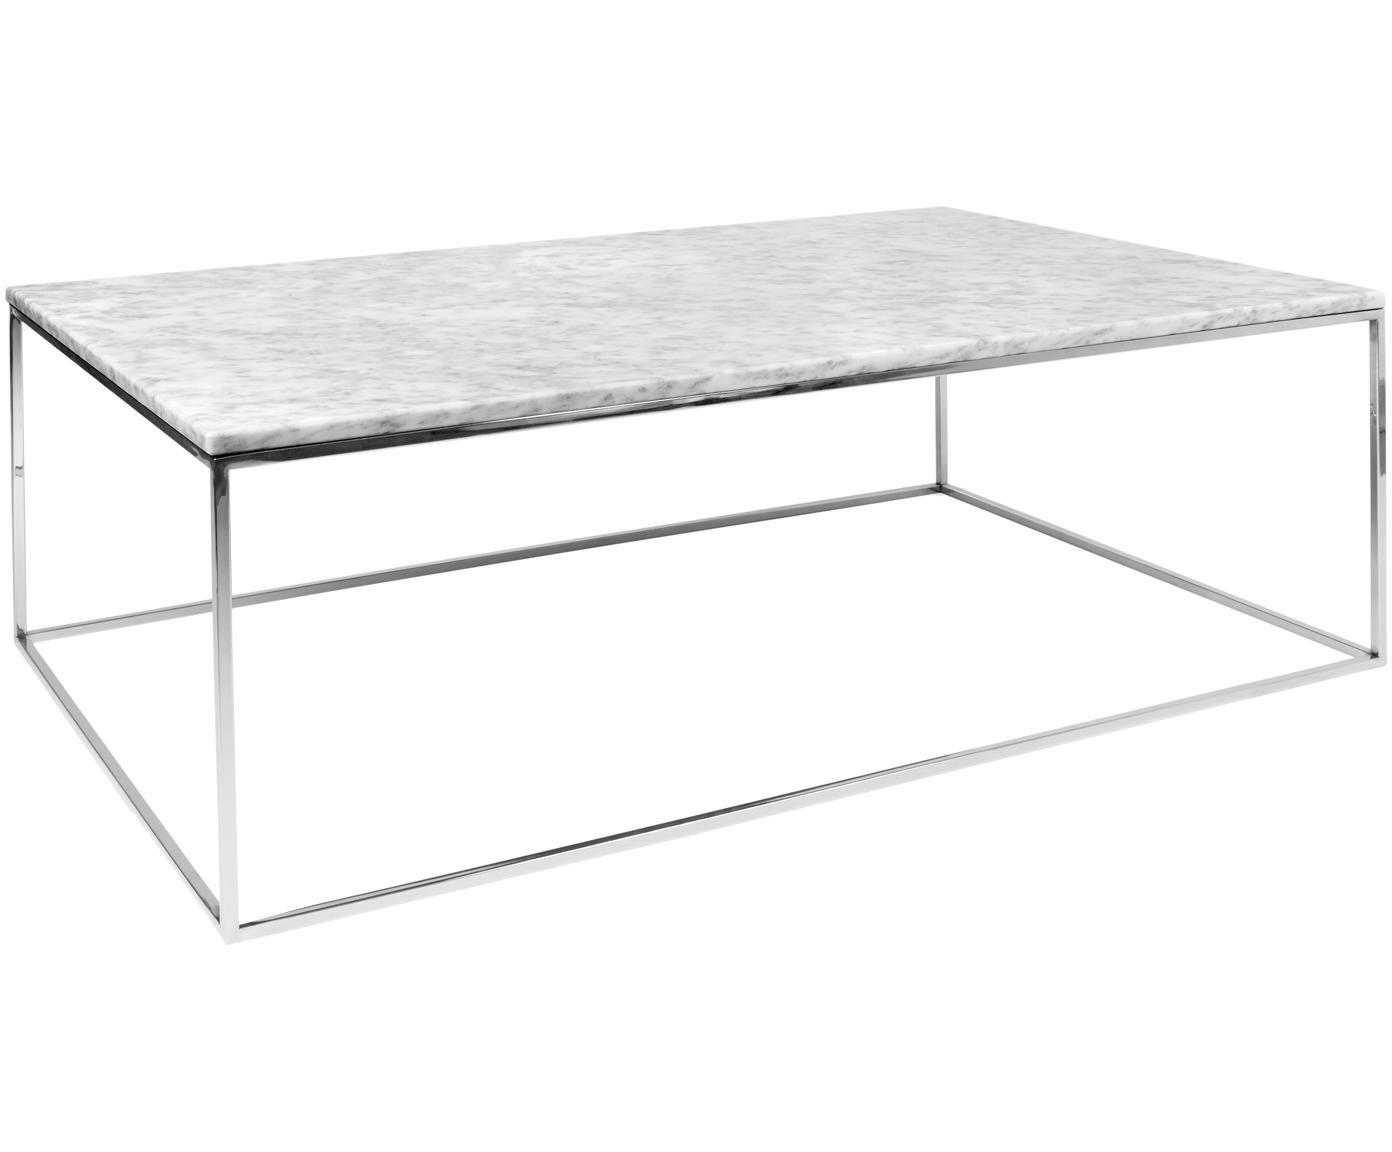 Mesa de centro de mármol Gleam, Tablero: mármol, Estructura: acero, cromado, Blanco veteado, cromo, An 120 x Al 40 cm